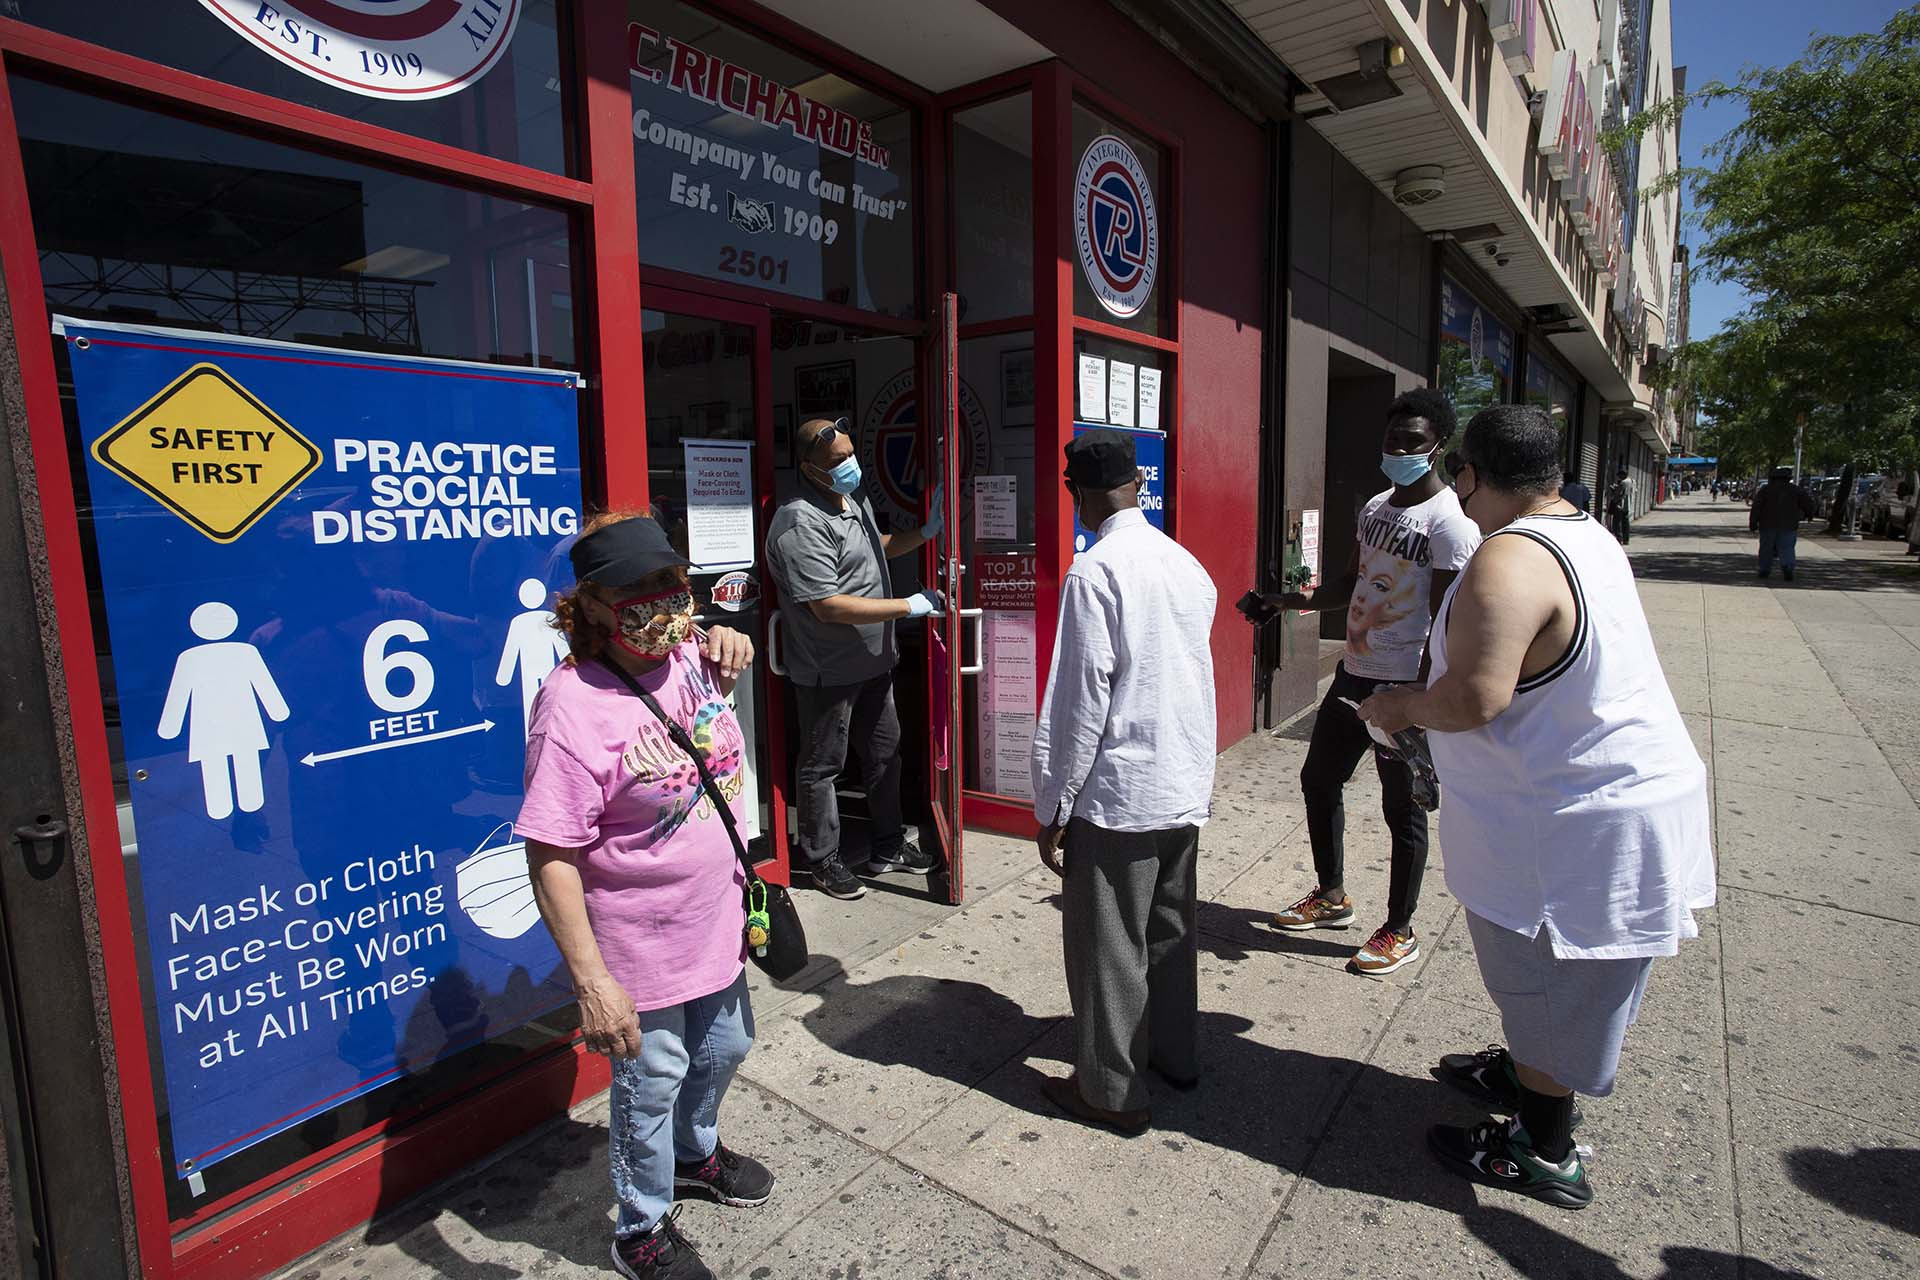 Clientes ingresan al negocio de electrónica P.C. Richard and Son en el Bronx